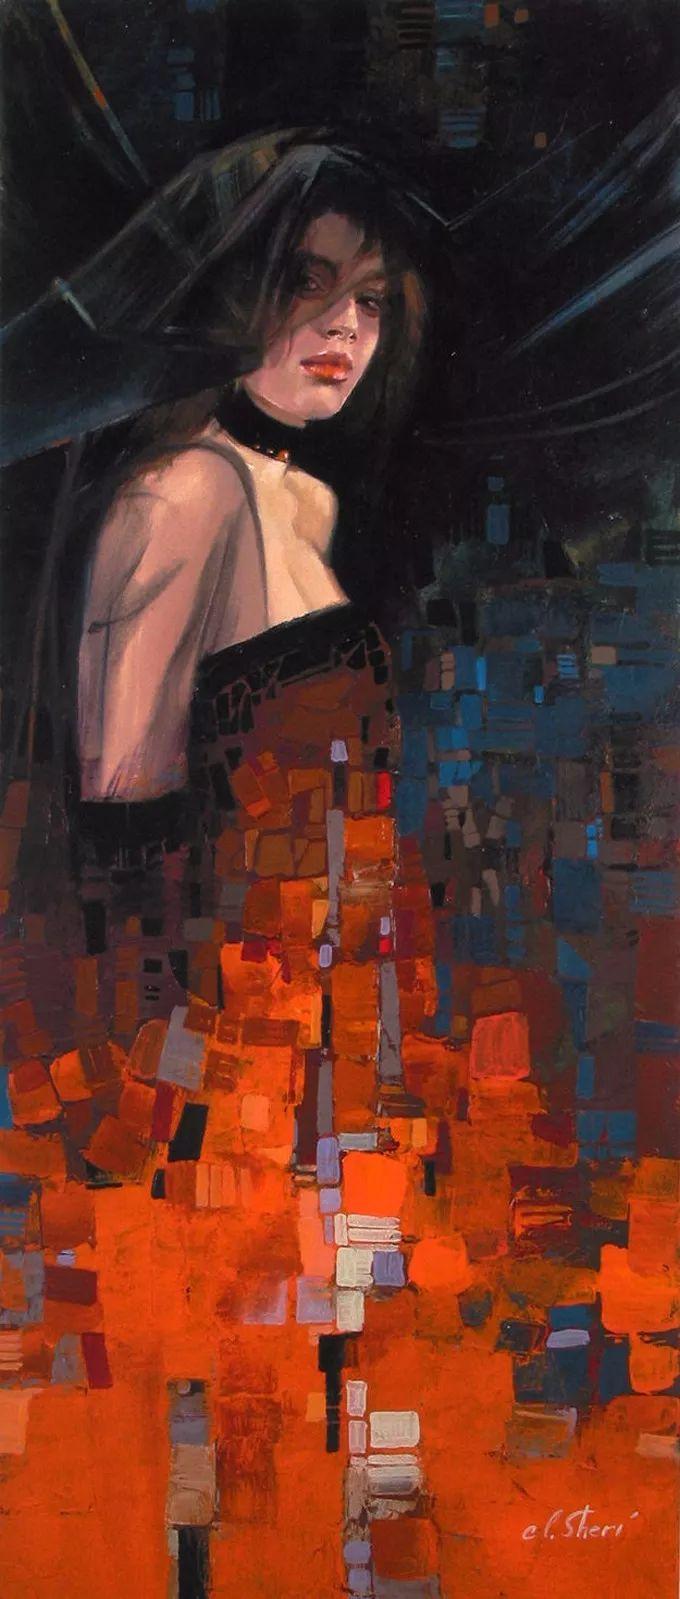 她的油画里,有一种惊艳脱俗的美!插图101